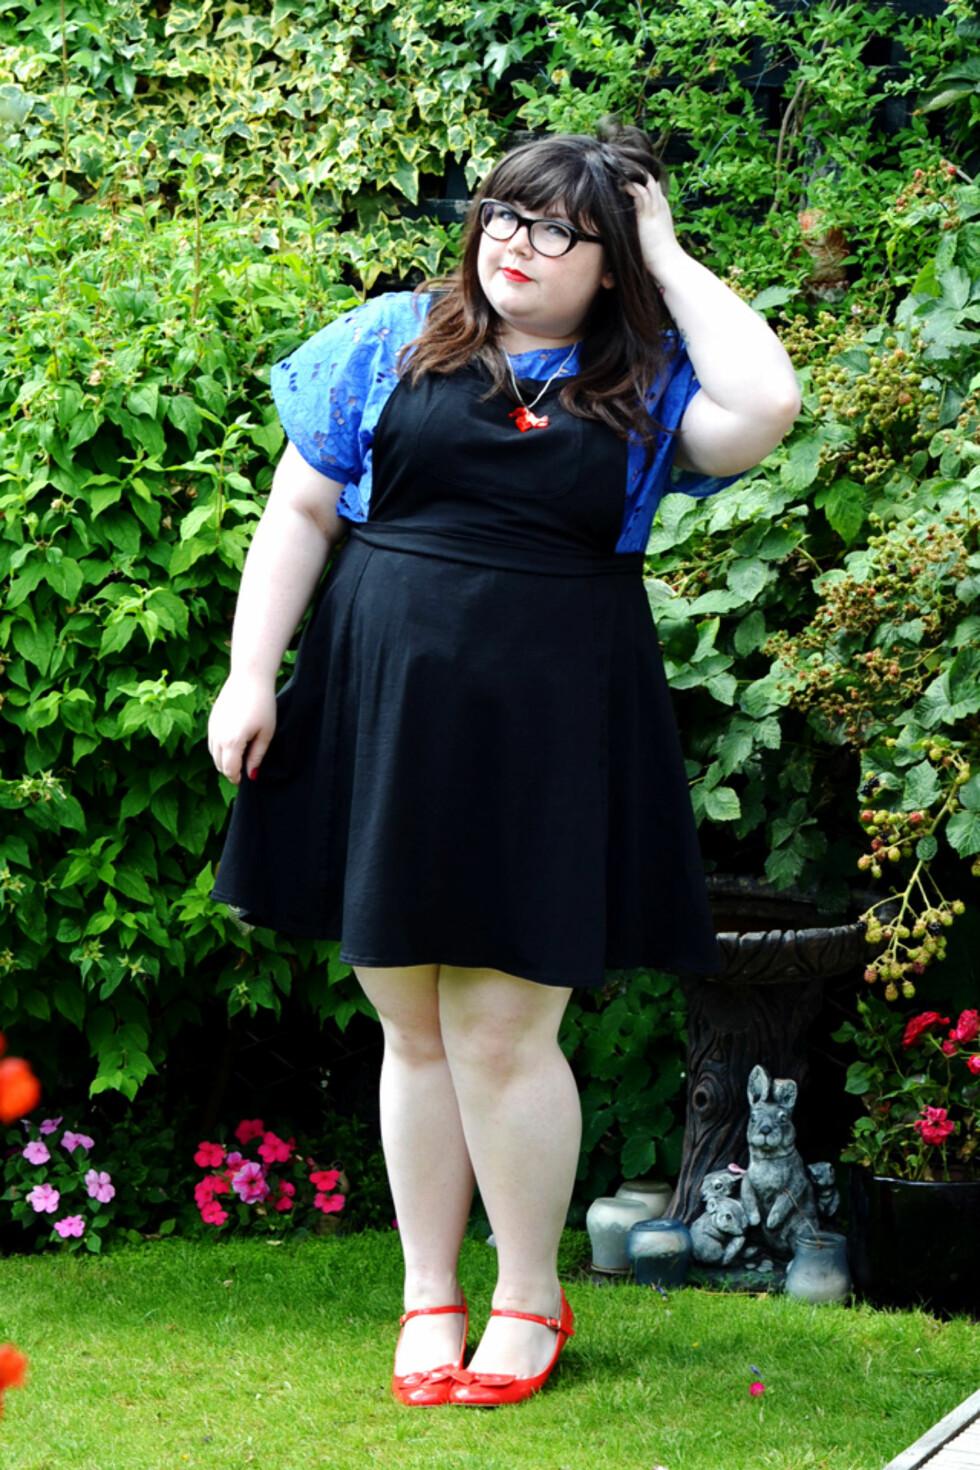 INGEN HINDRING: At Lauren ikke rager så mange centimetrene over bakken hindrer henne ikke i å finne fine antrekk. Foto: Pocket Rocket